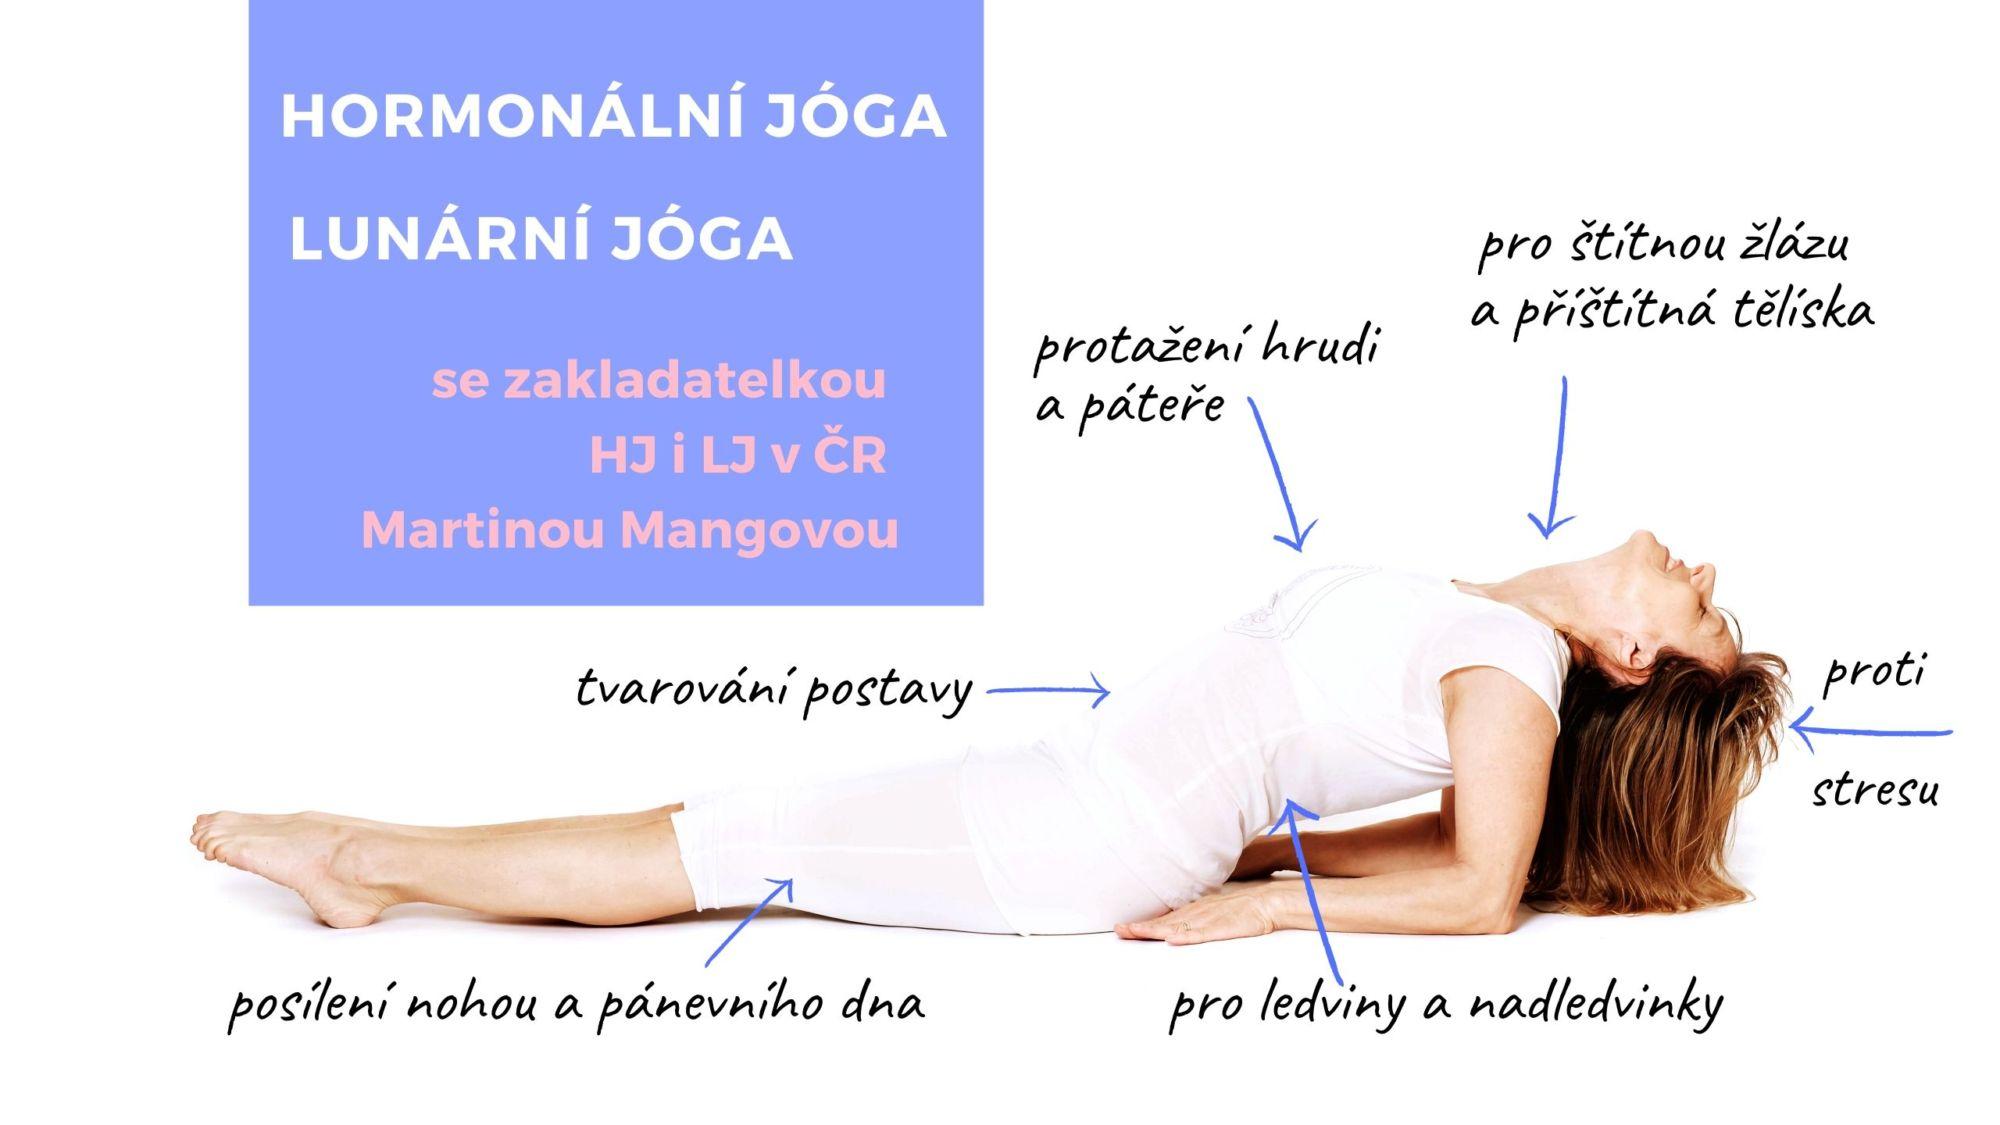 Vylaďte se Hormonální jógou Metoda Martiny Mangové